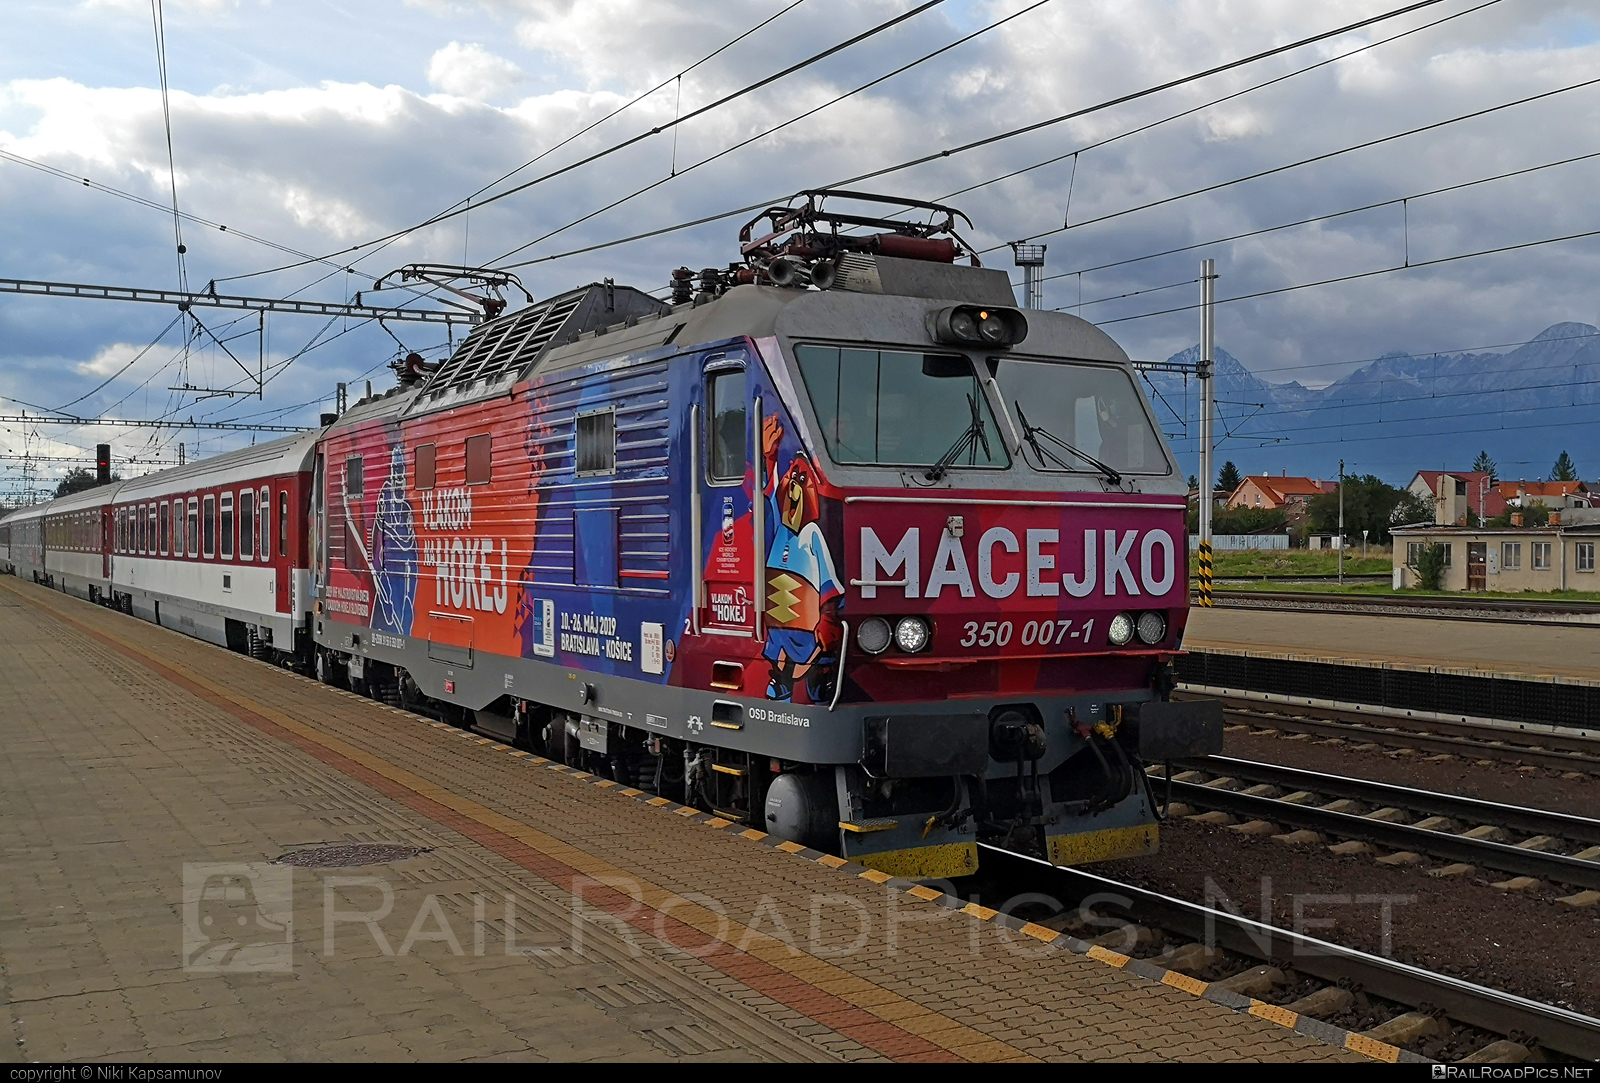 Škoda 55E - 350 007-1 operated by Železničná Spoločnost' Slovensko, a.s. #ZeleznicnaSpolocnostSlovensko #gorila #locomotive350 #macejko #skoda #skoda55e #zssk